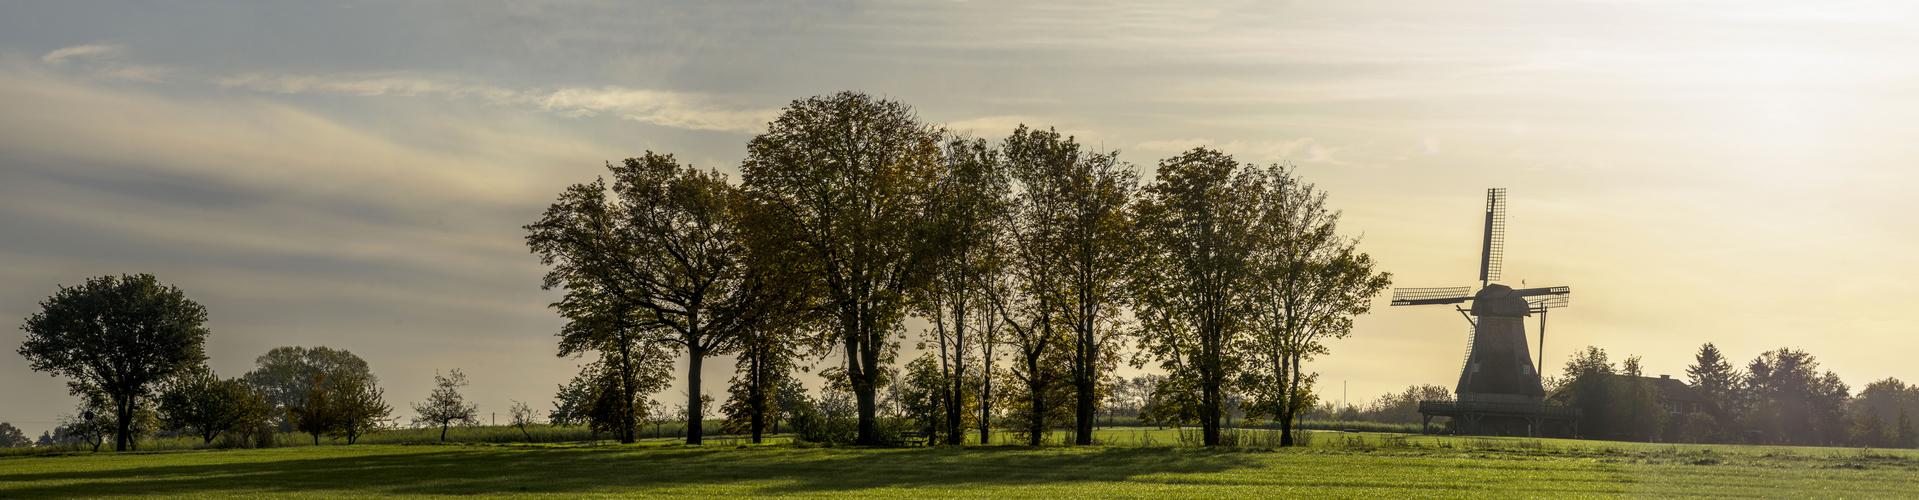 Hollicher Mühle im Morgenlicht